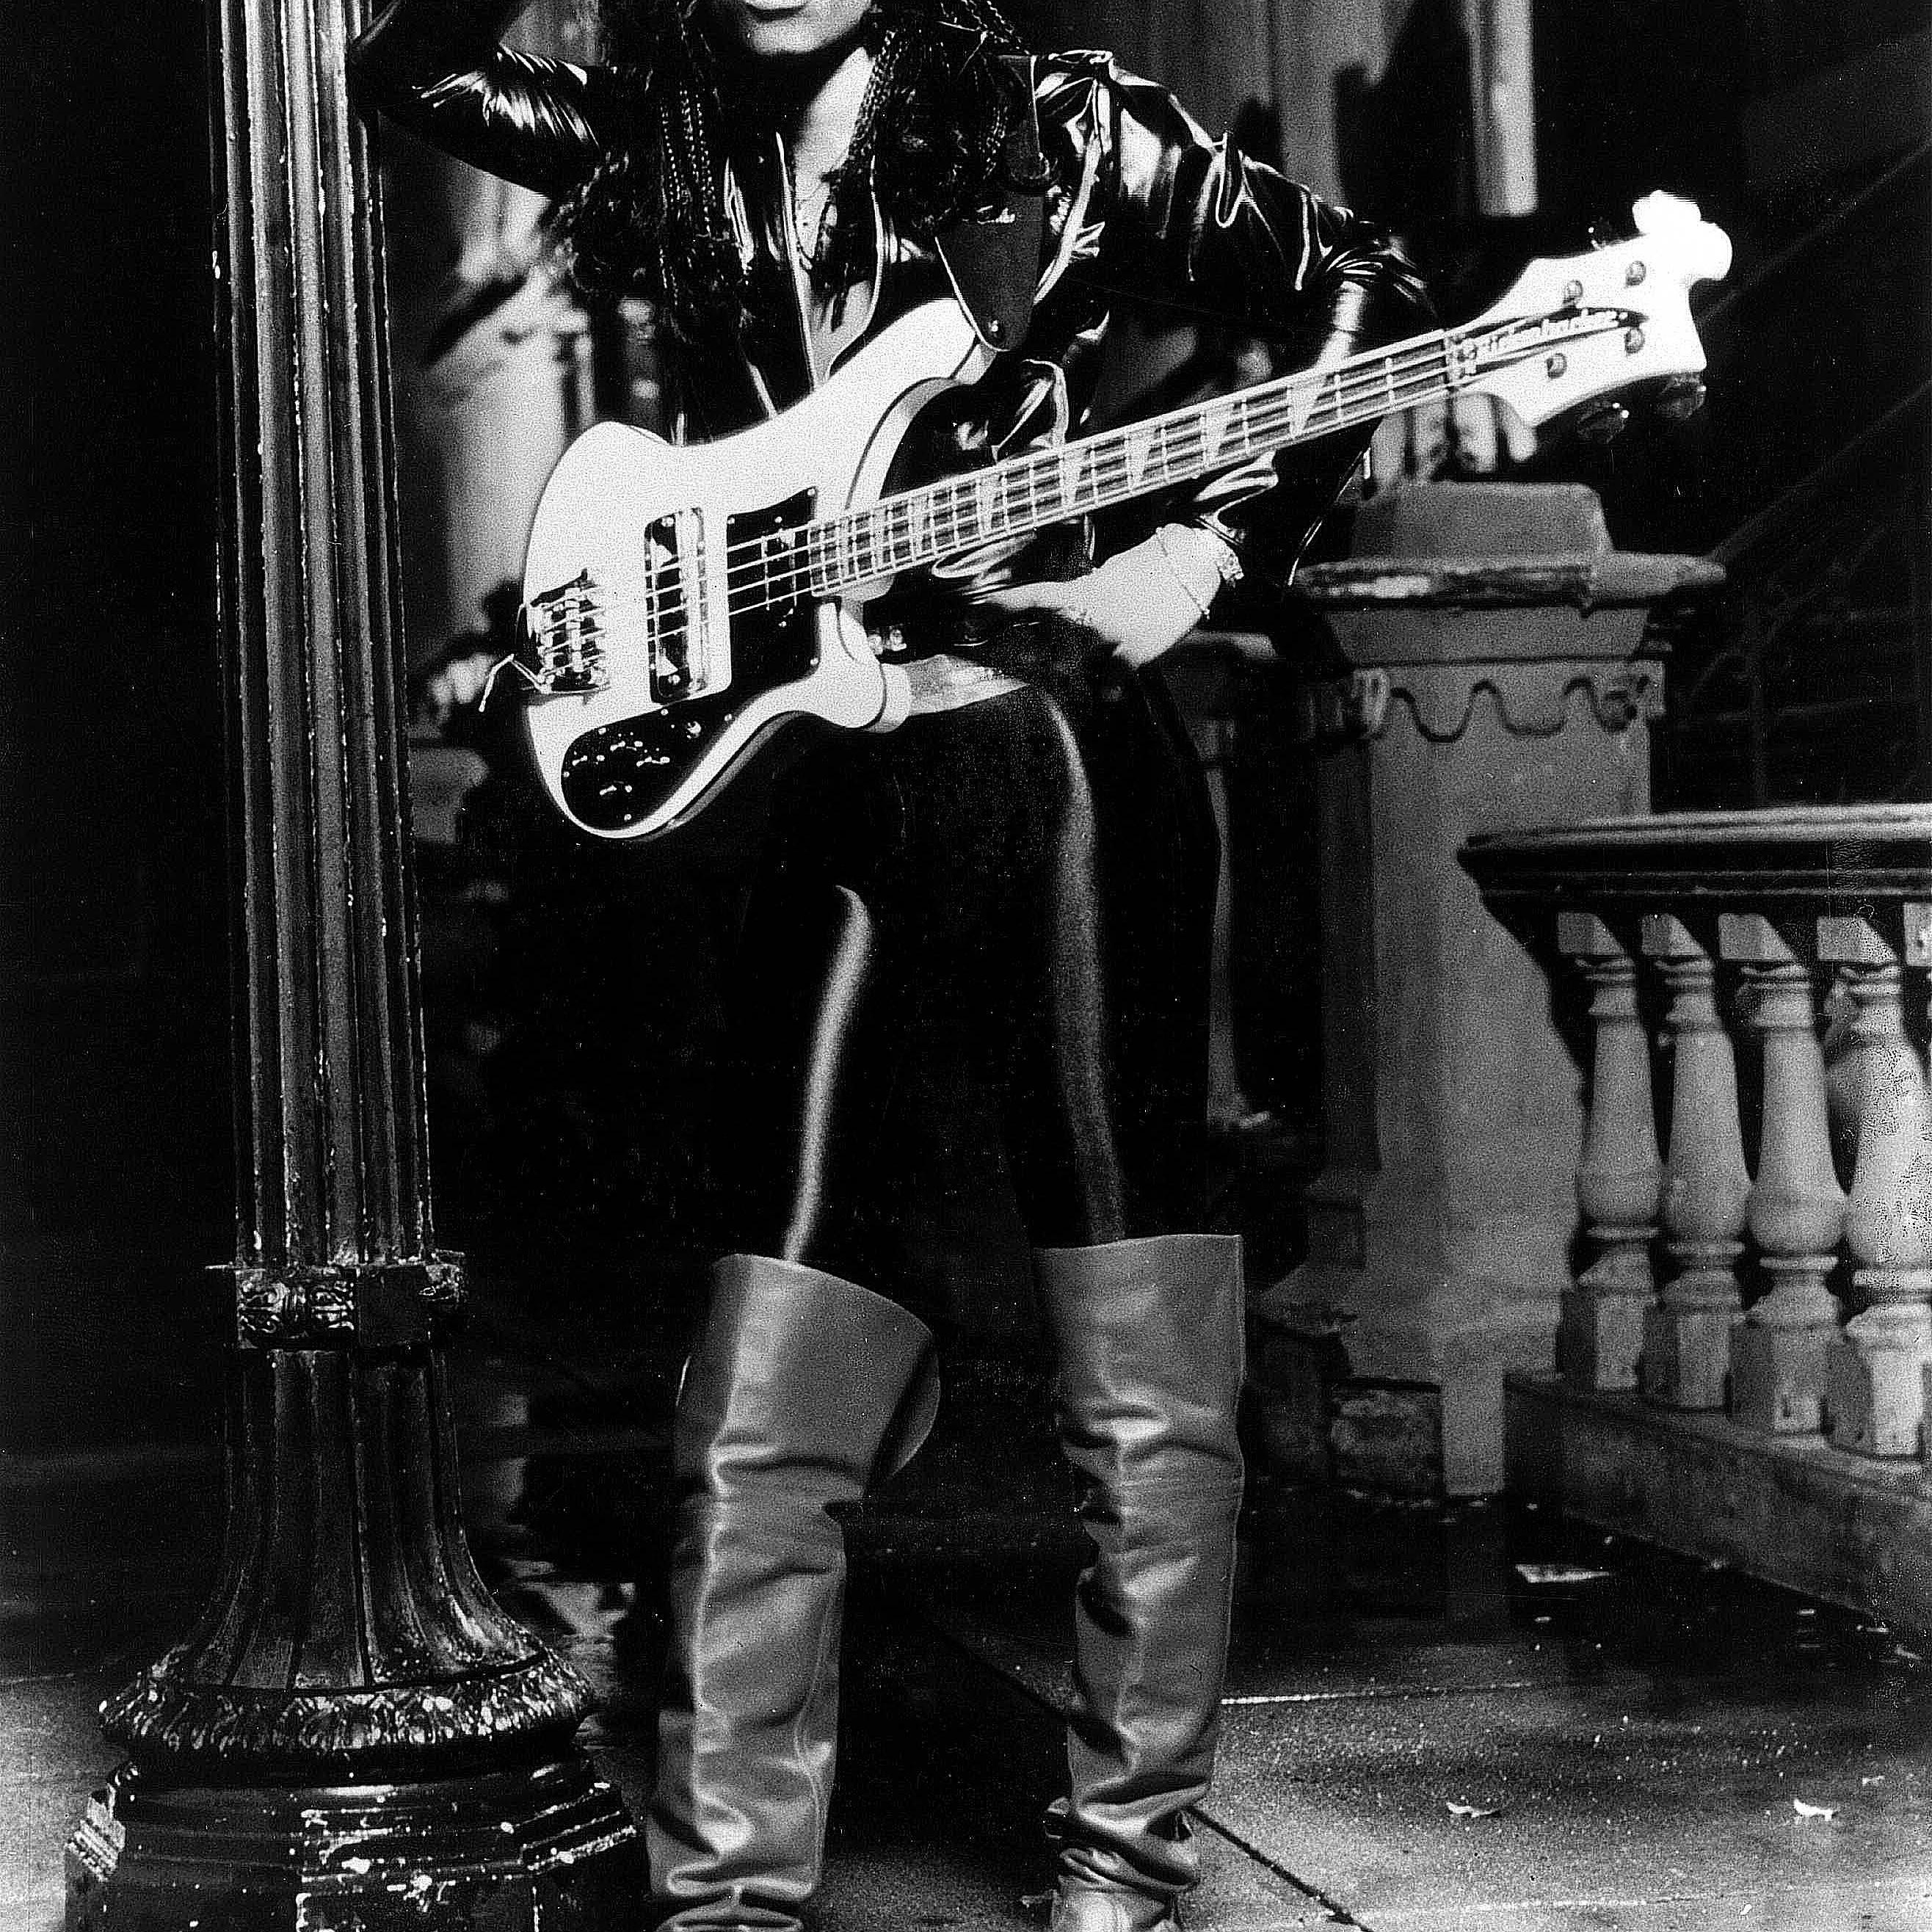 Rick James posing with guitar.